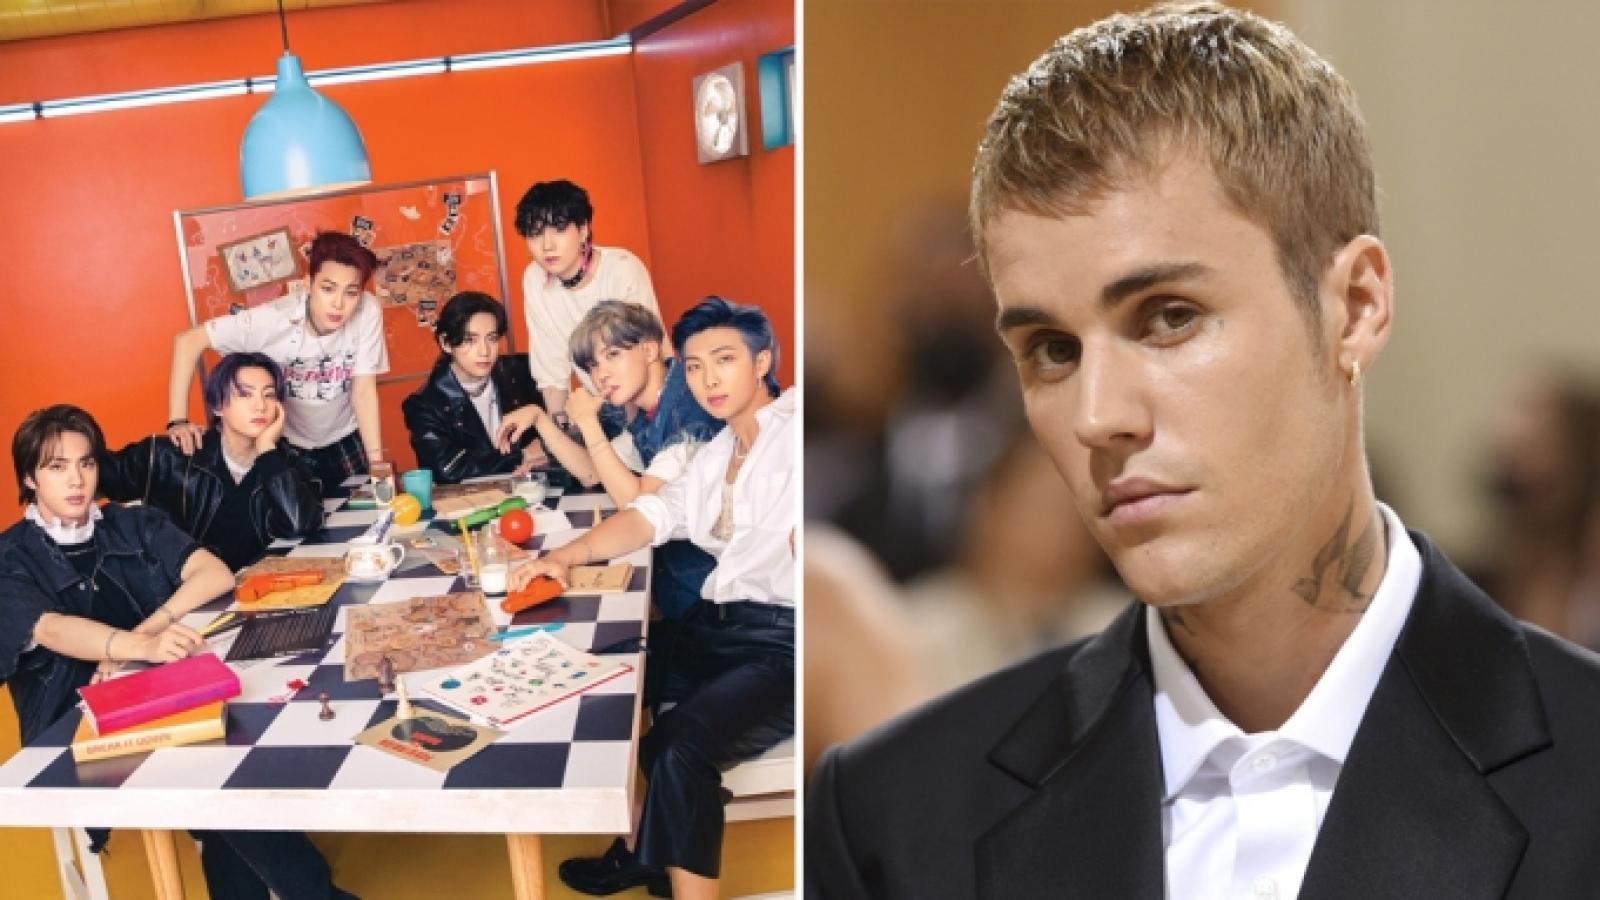 Justin Bieber dẫn đầu loạt đề cử, BTS đối đầu BLACKPINK tại giải thưởng MTV EMAs